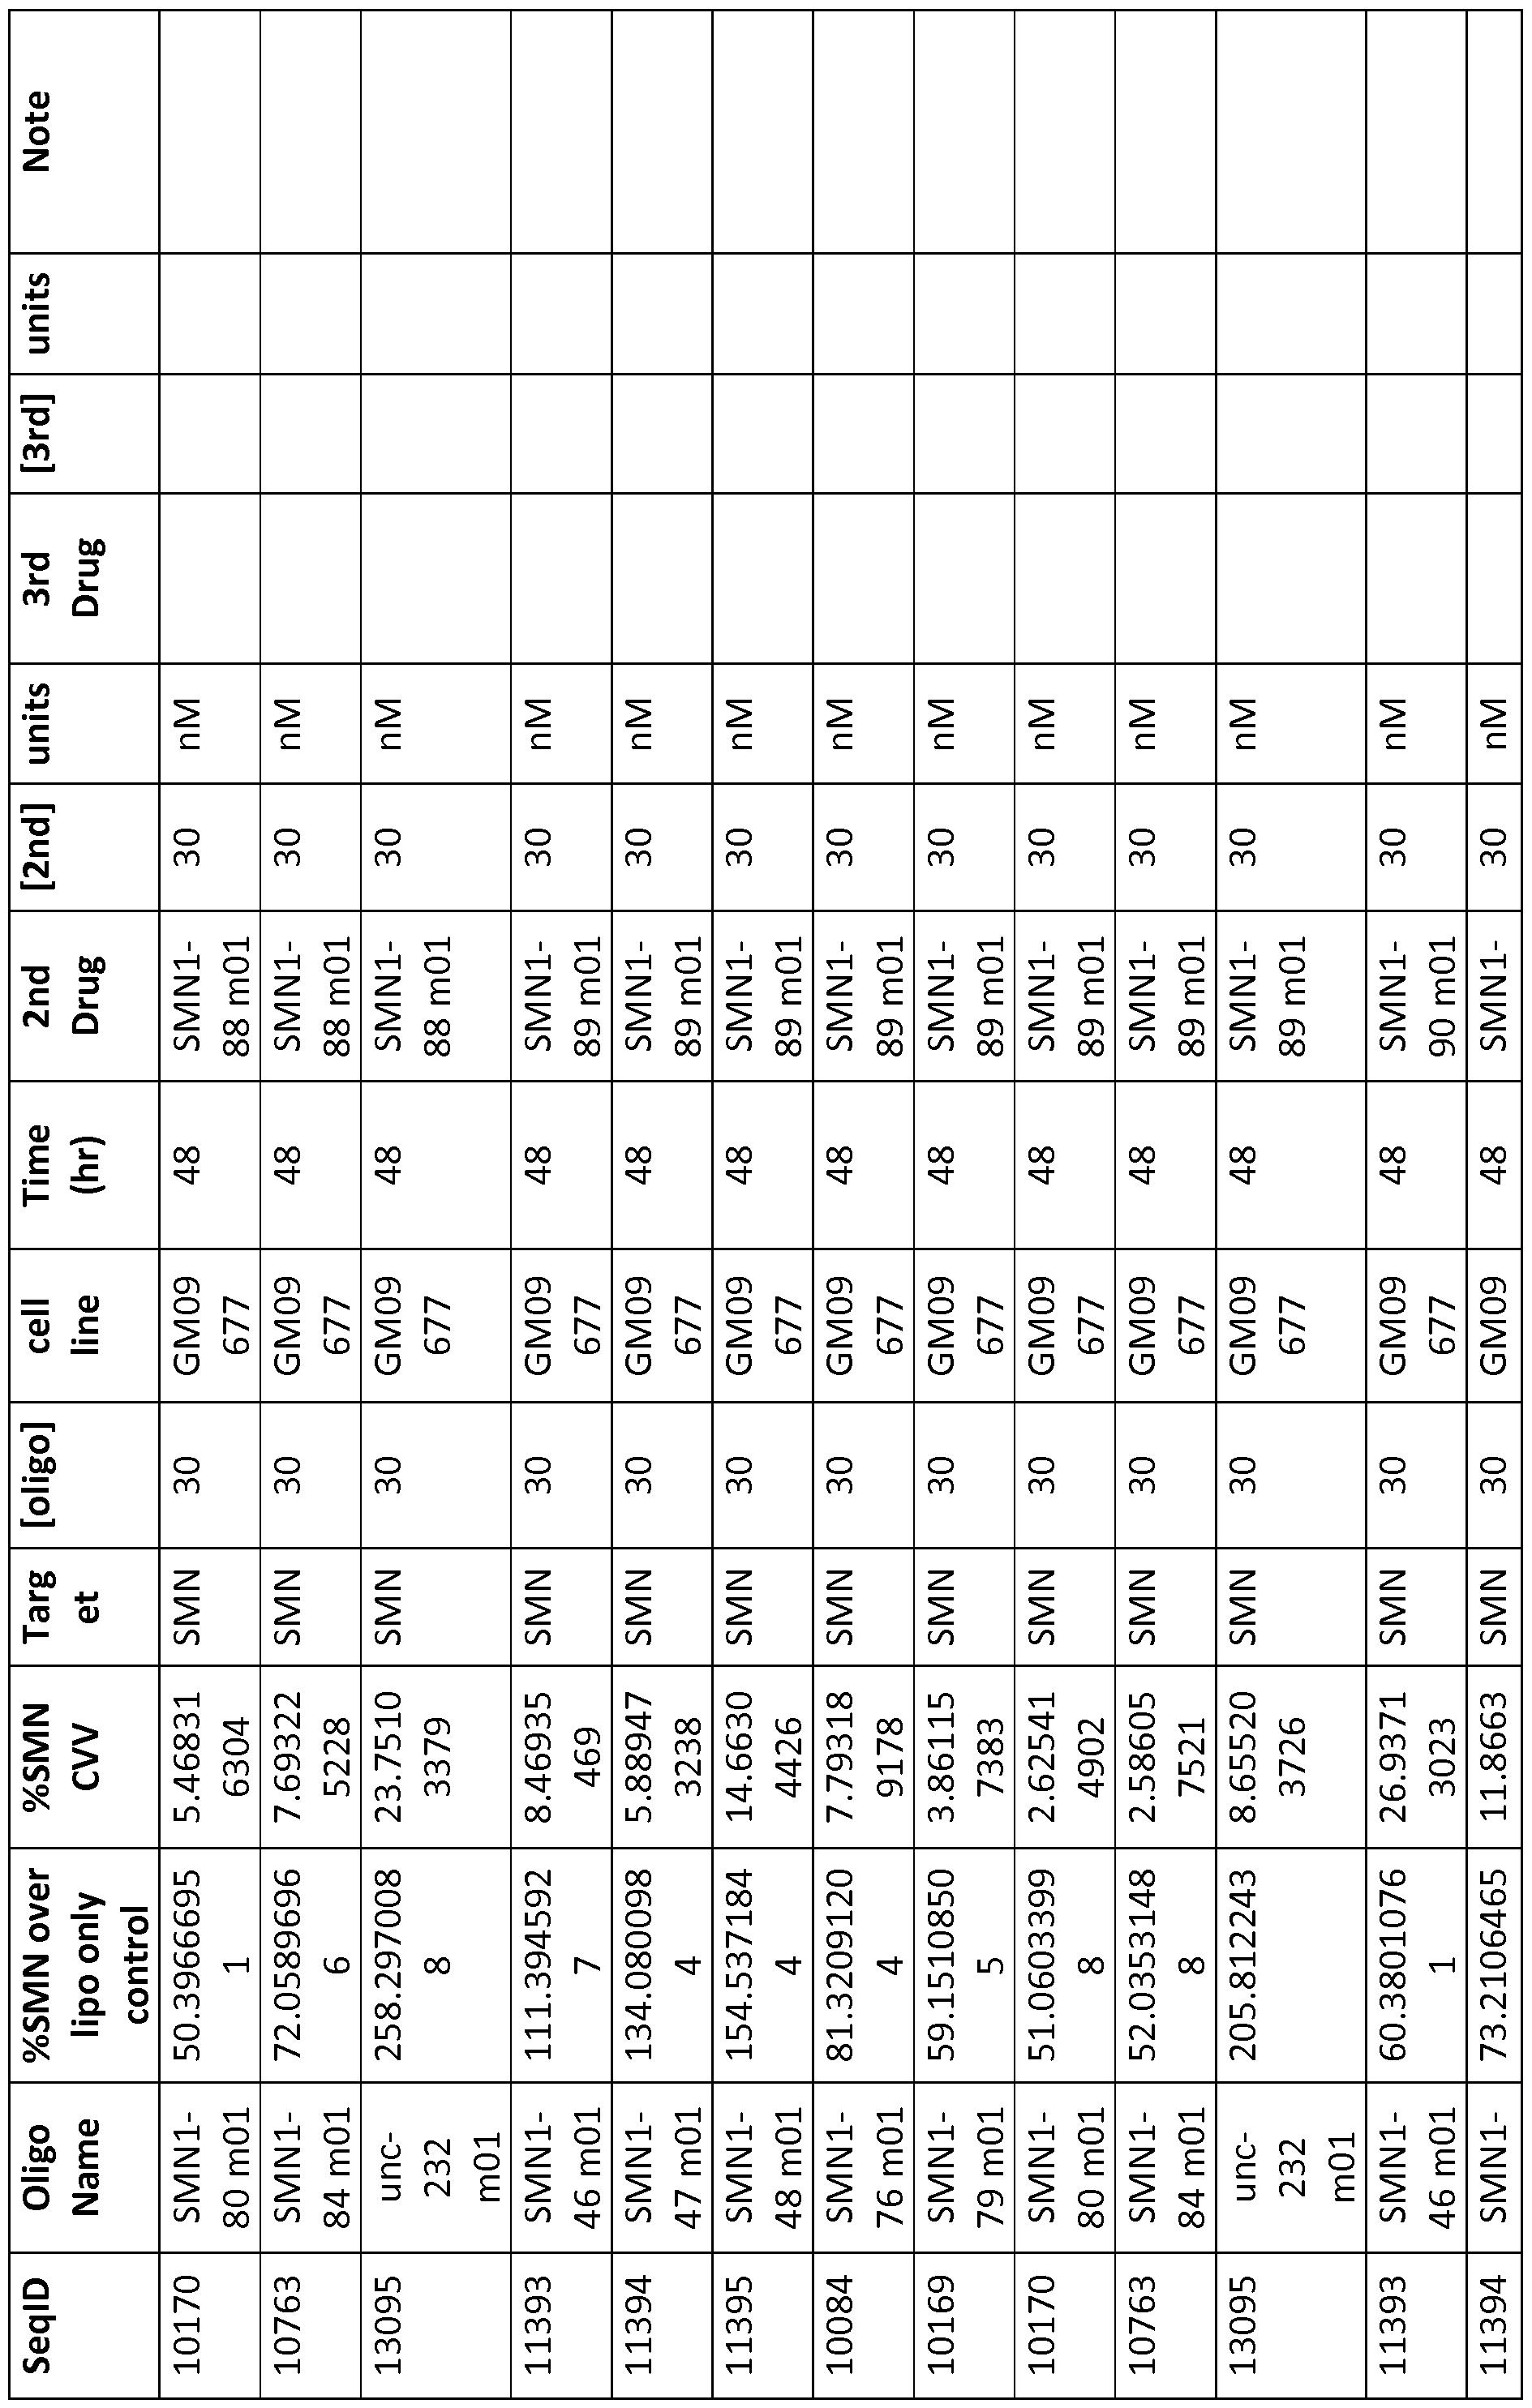 Figure imgf000356_0001